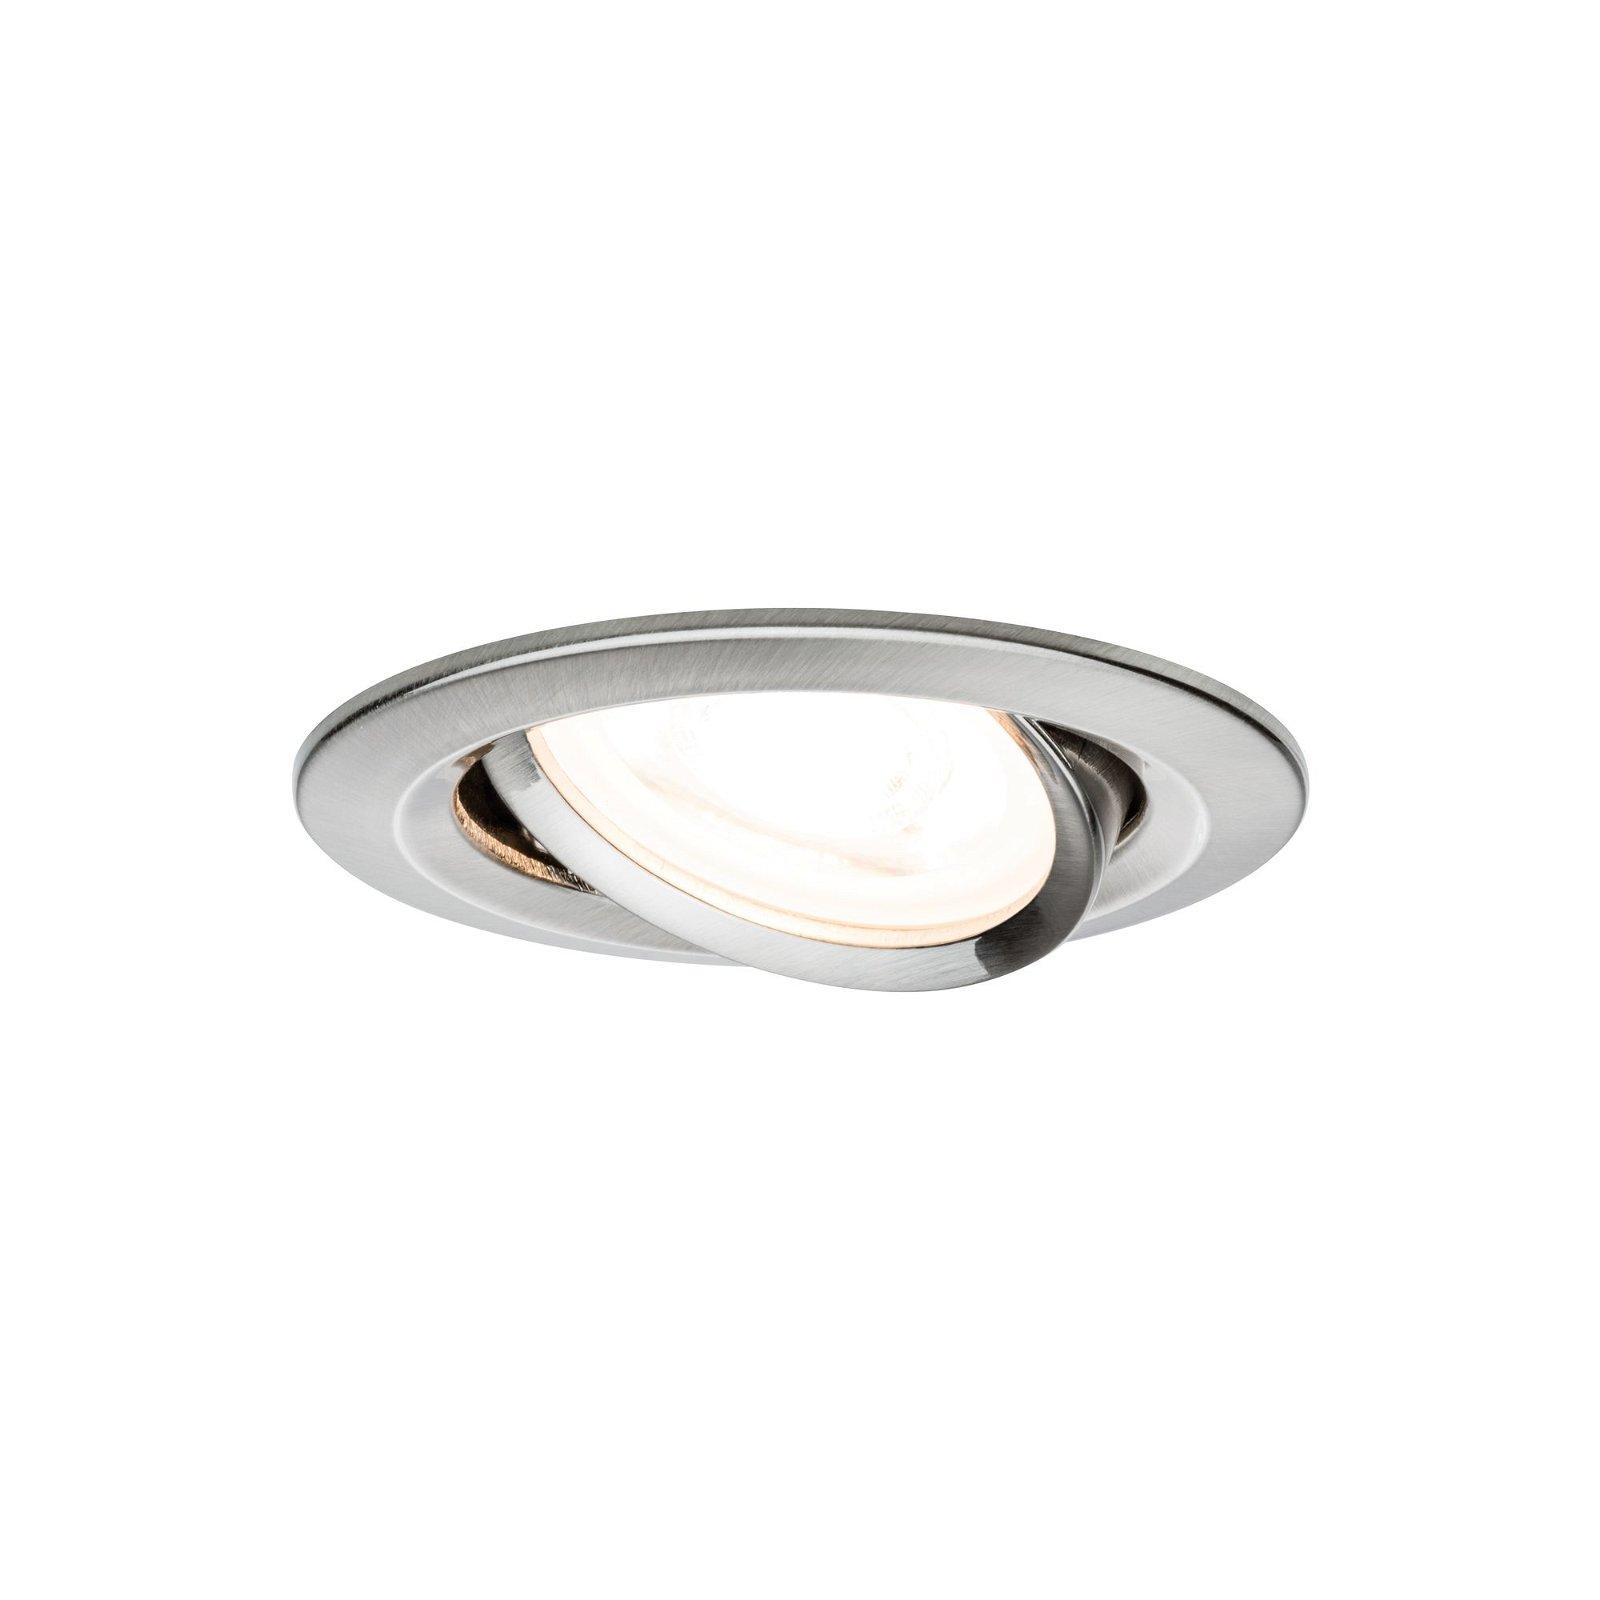 LED-inbouwlamp Nova Basisset zwenkbaar rond 84mm 50° GU10 3x6,5W 230V 2700K Staal geborsteld